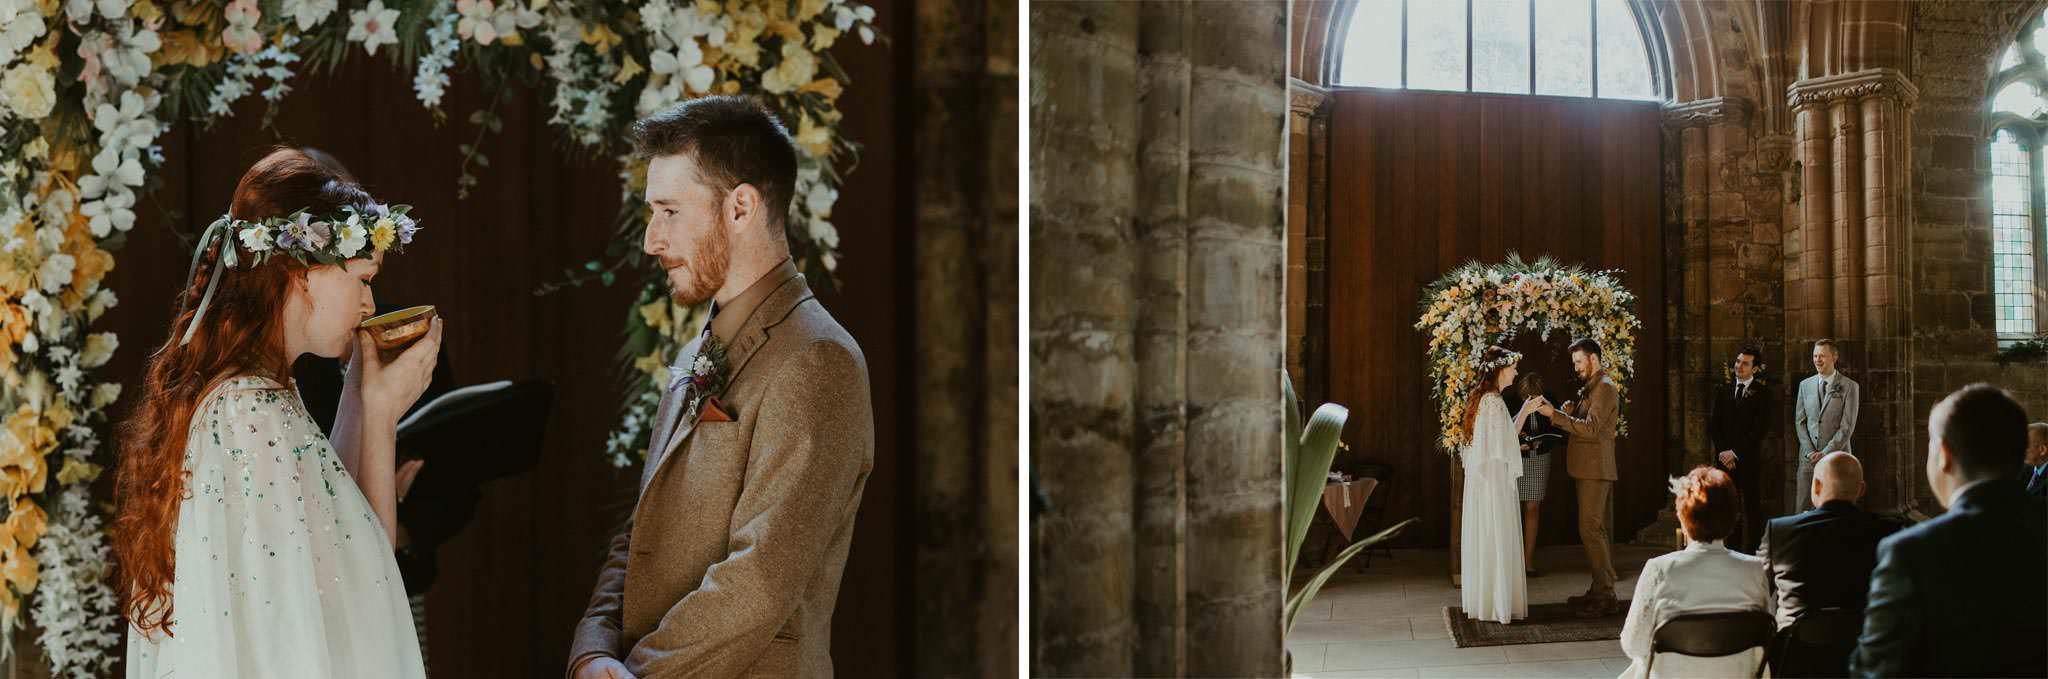 scottish-wedding-photography-072